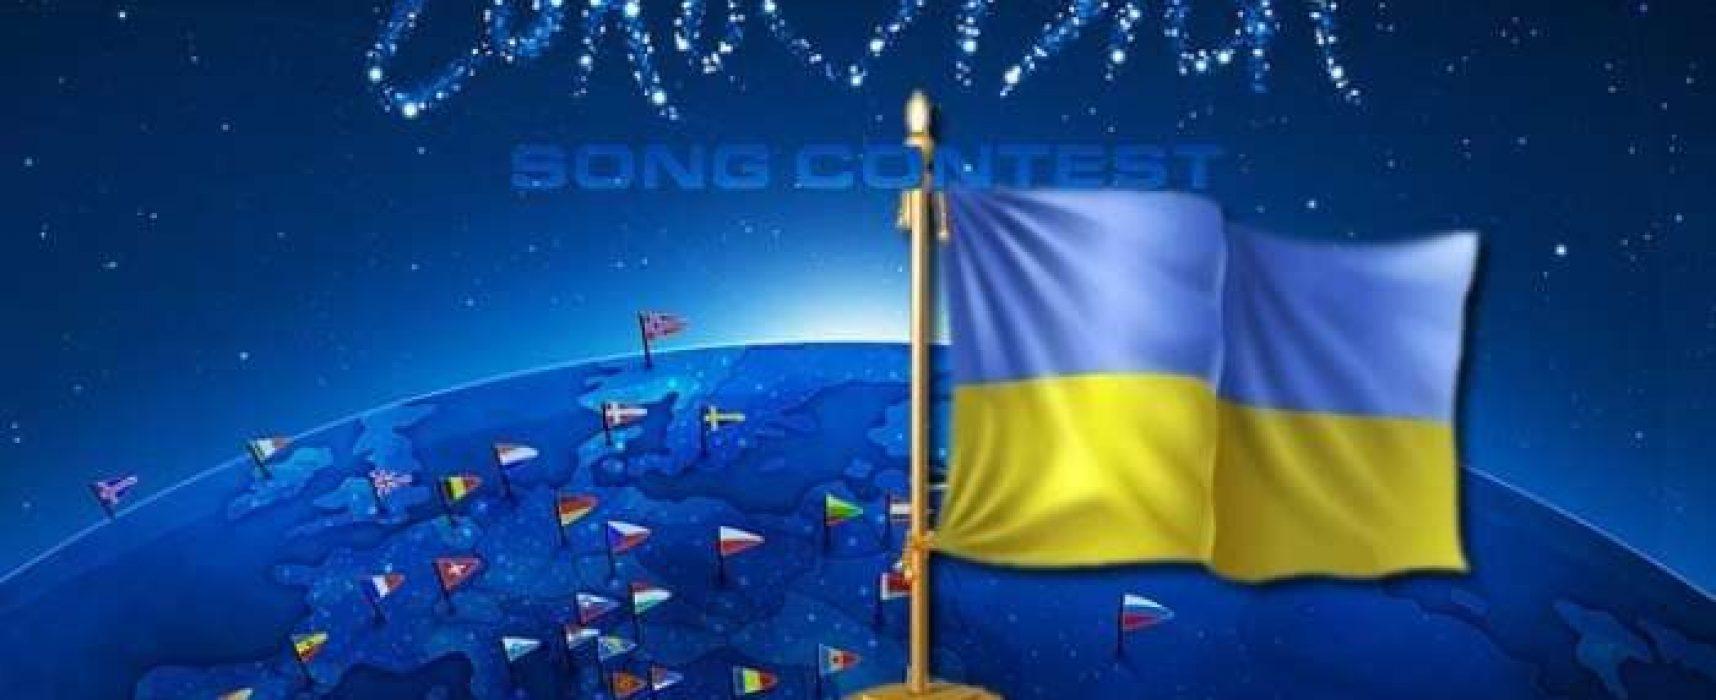 L'Ukraine et l'Eurovision: une histoire d'amour et de politique. Première partie: 2003-2009